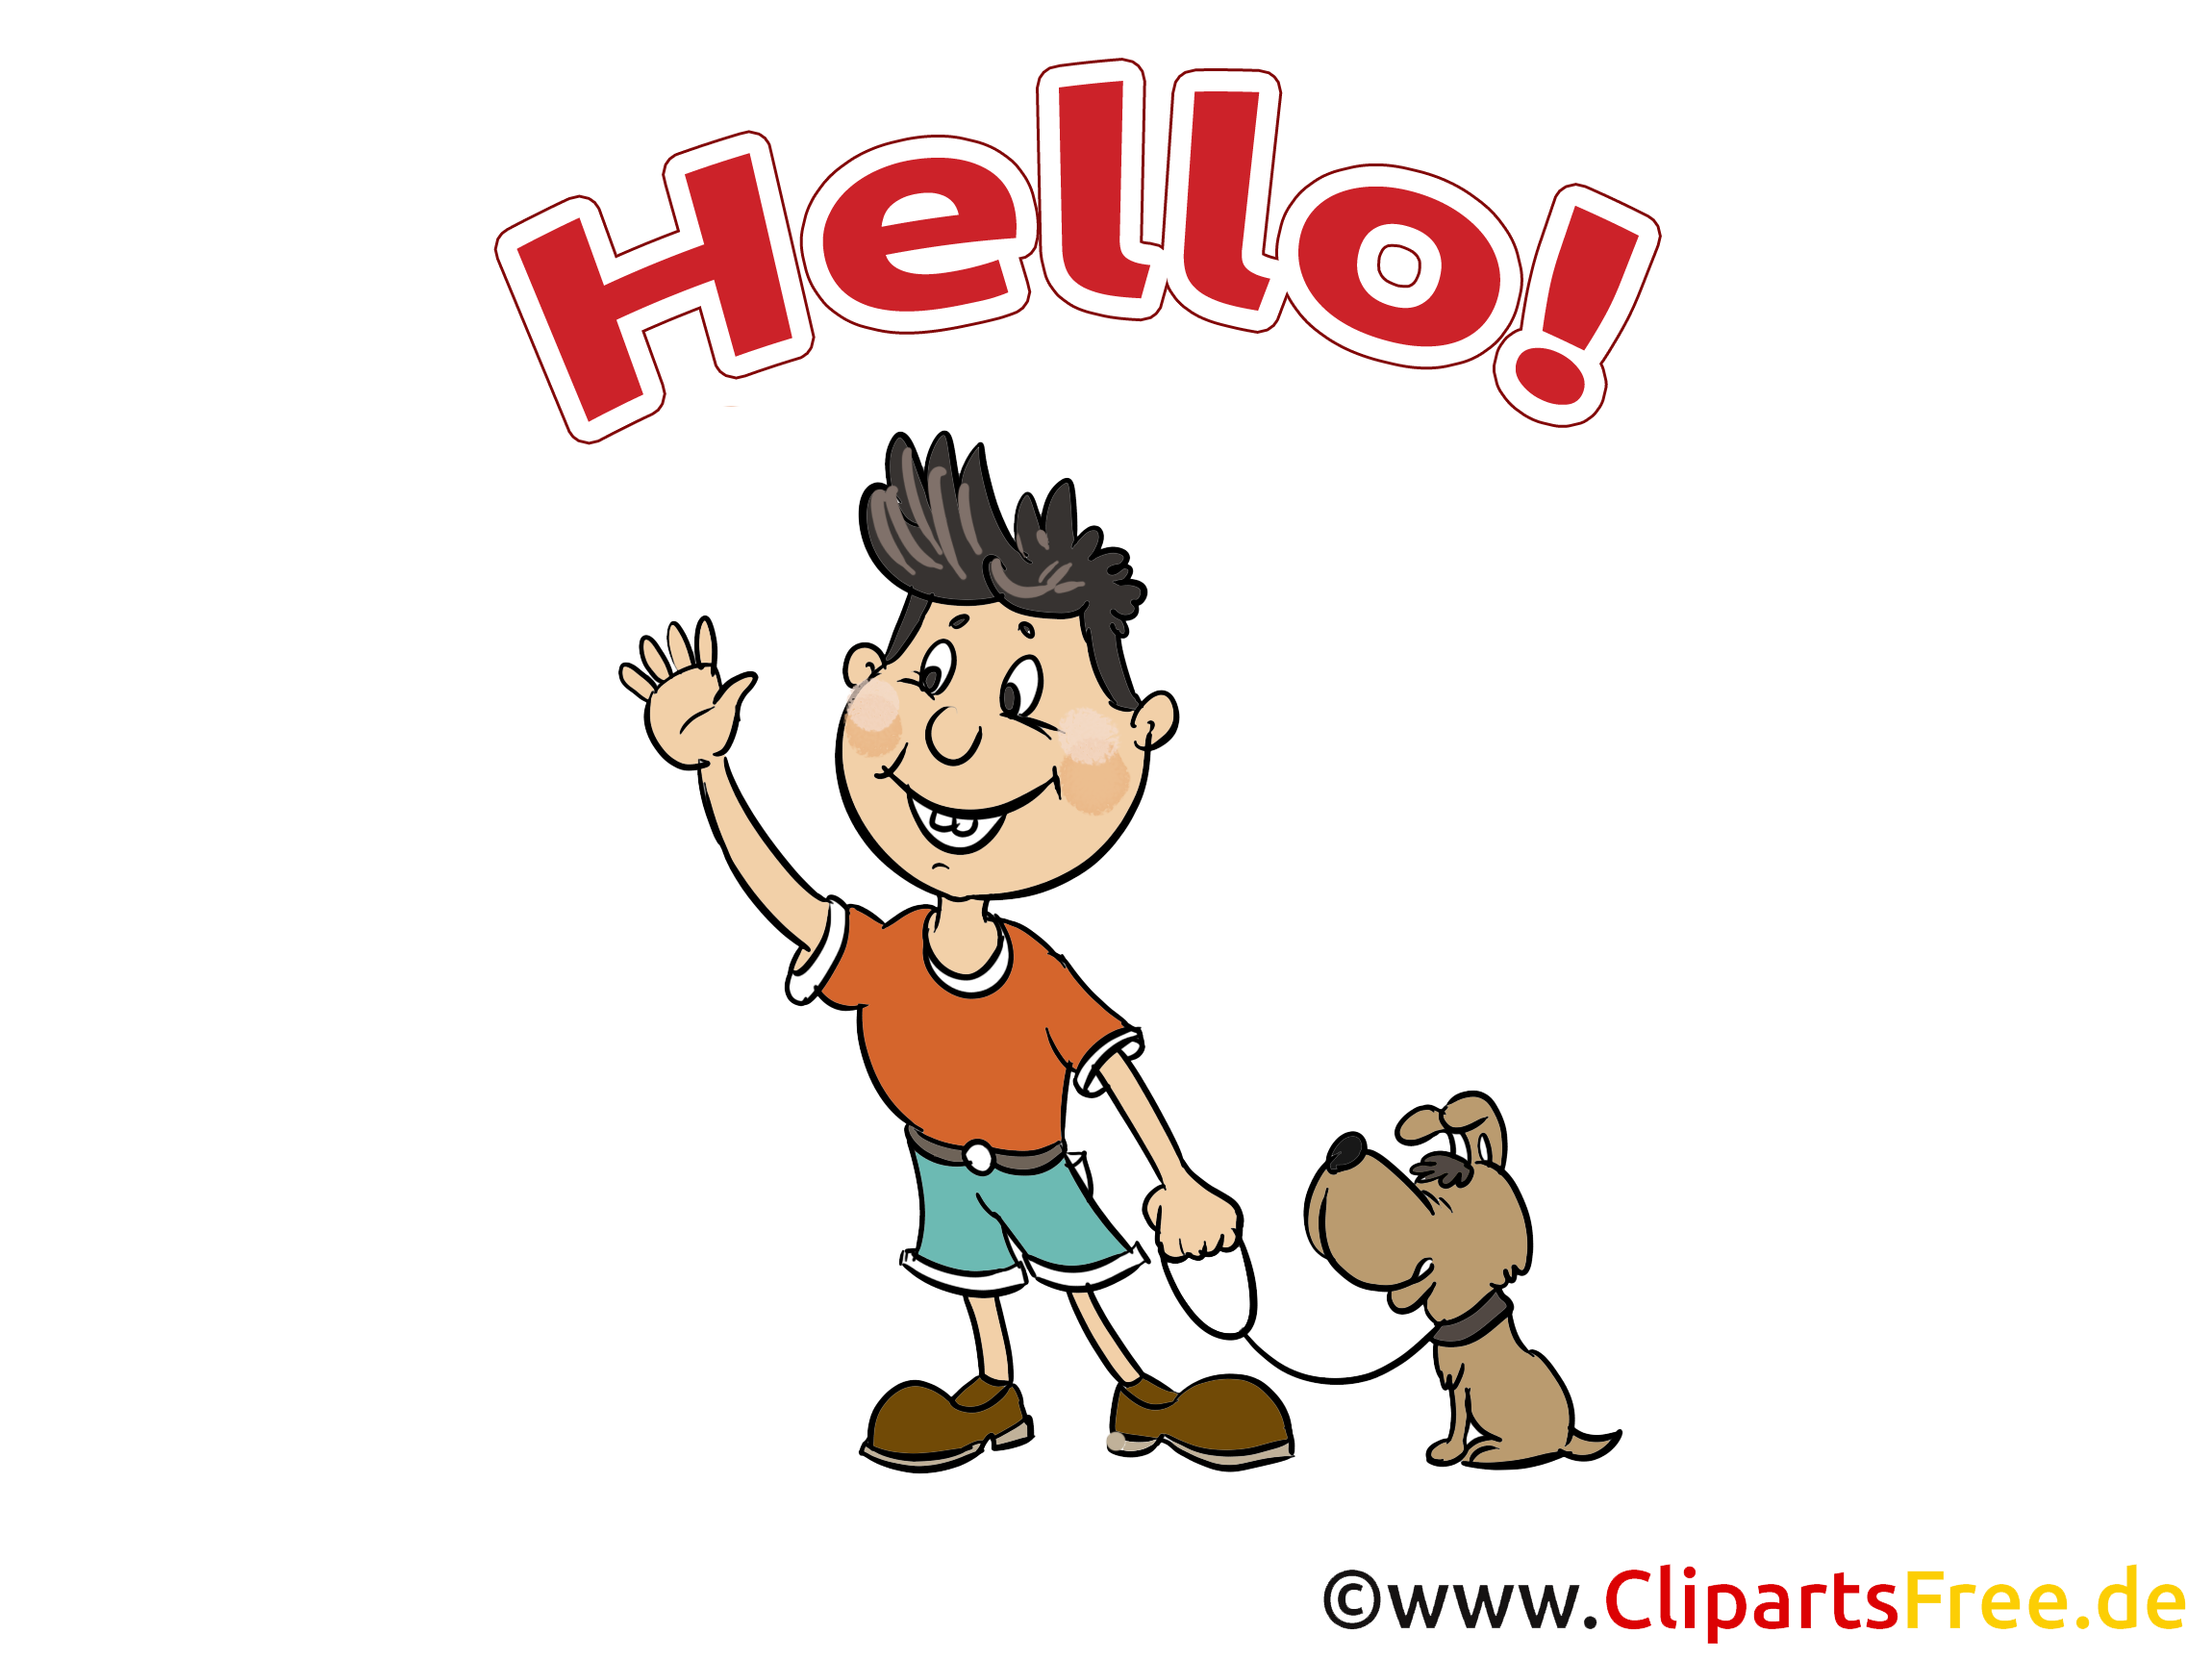 Chien homme image gratuite - Salut illustration